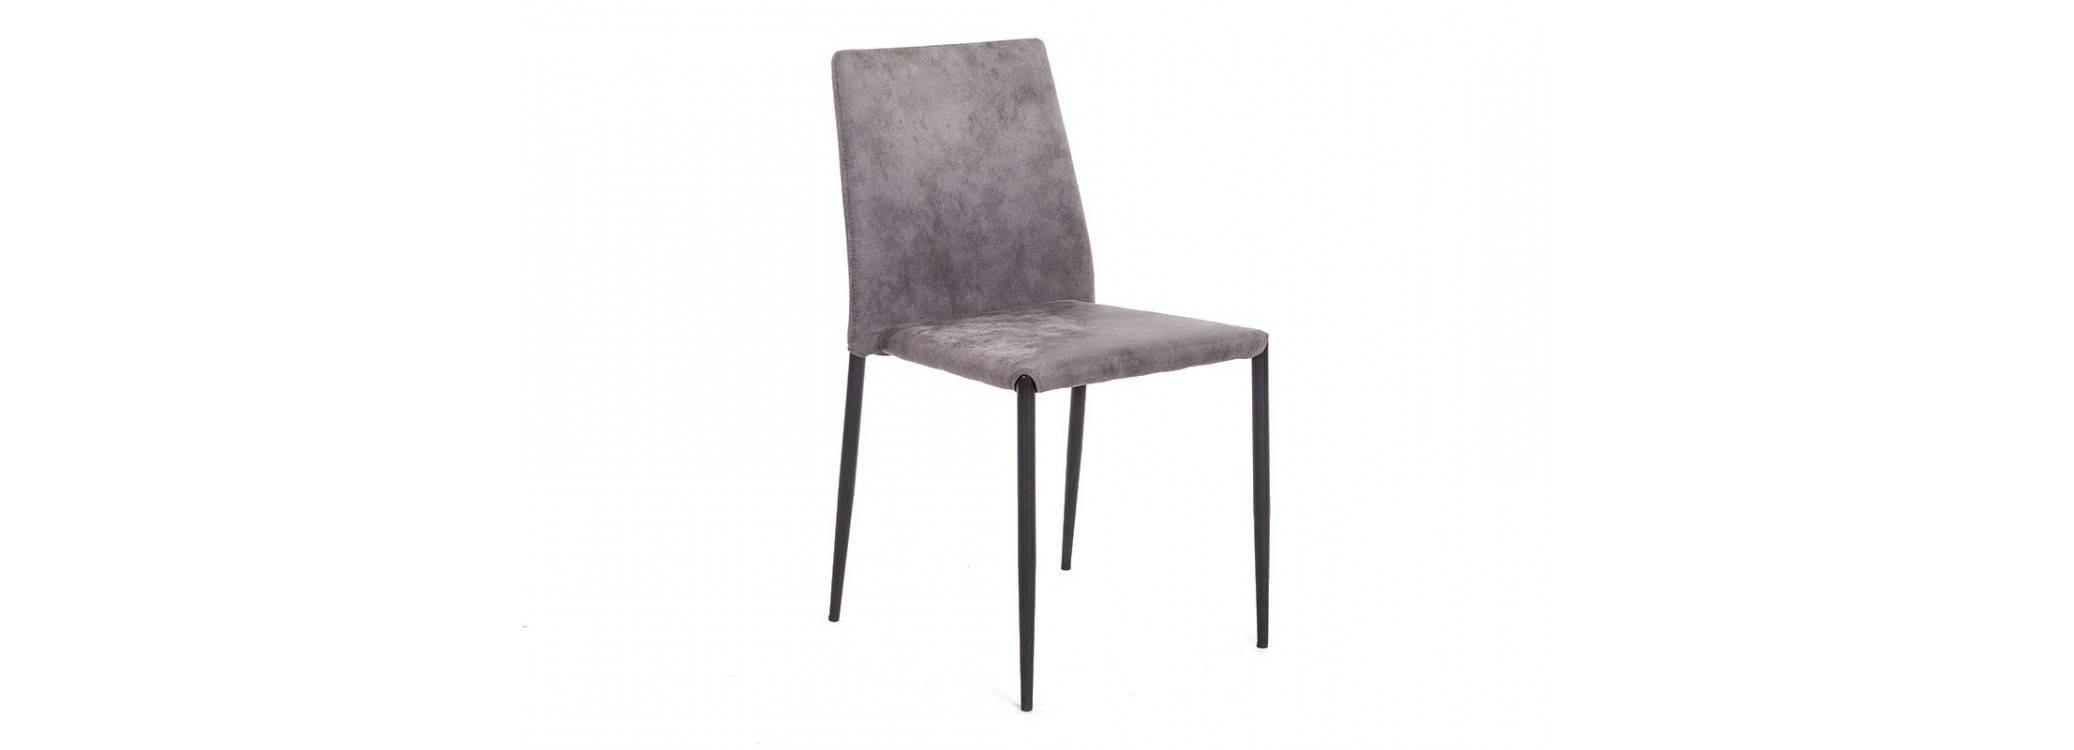 Chaise délicate en cuir de vachette gris